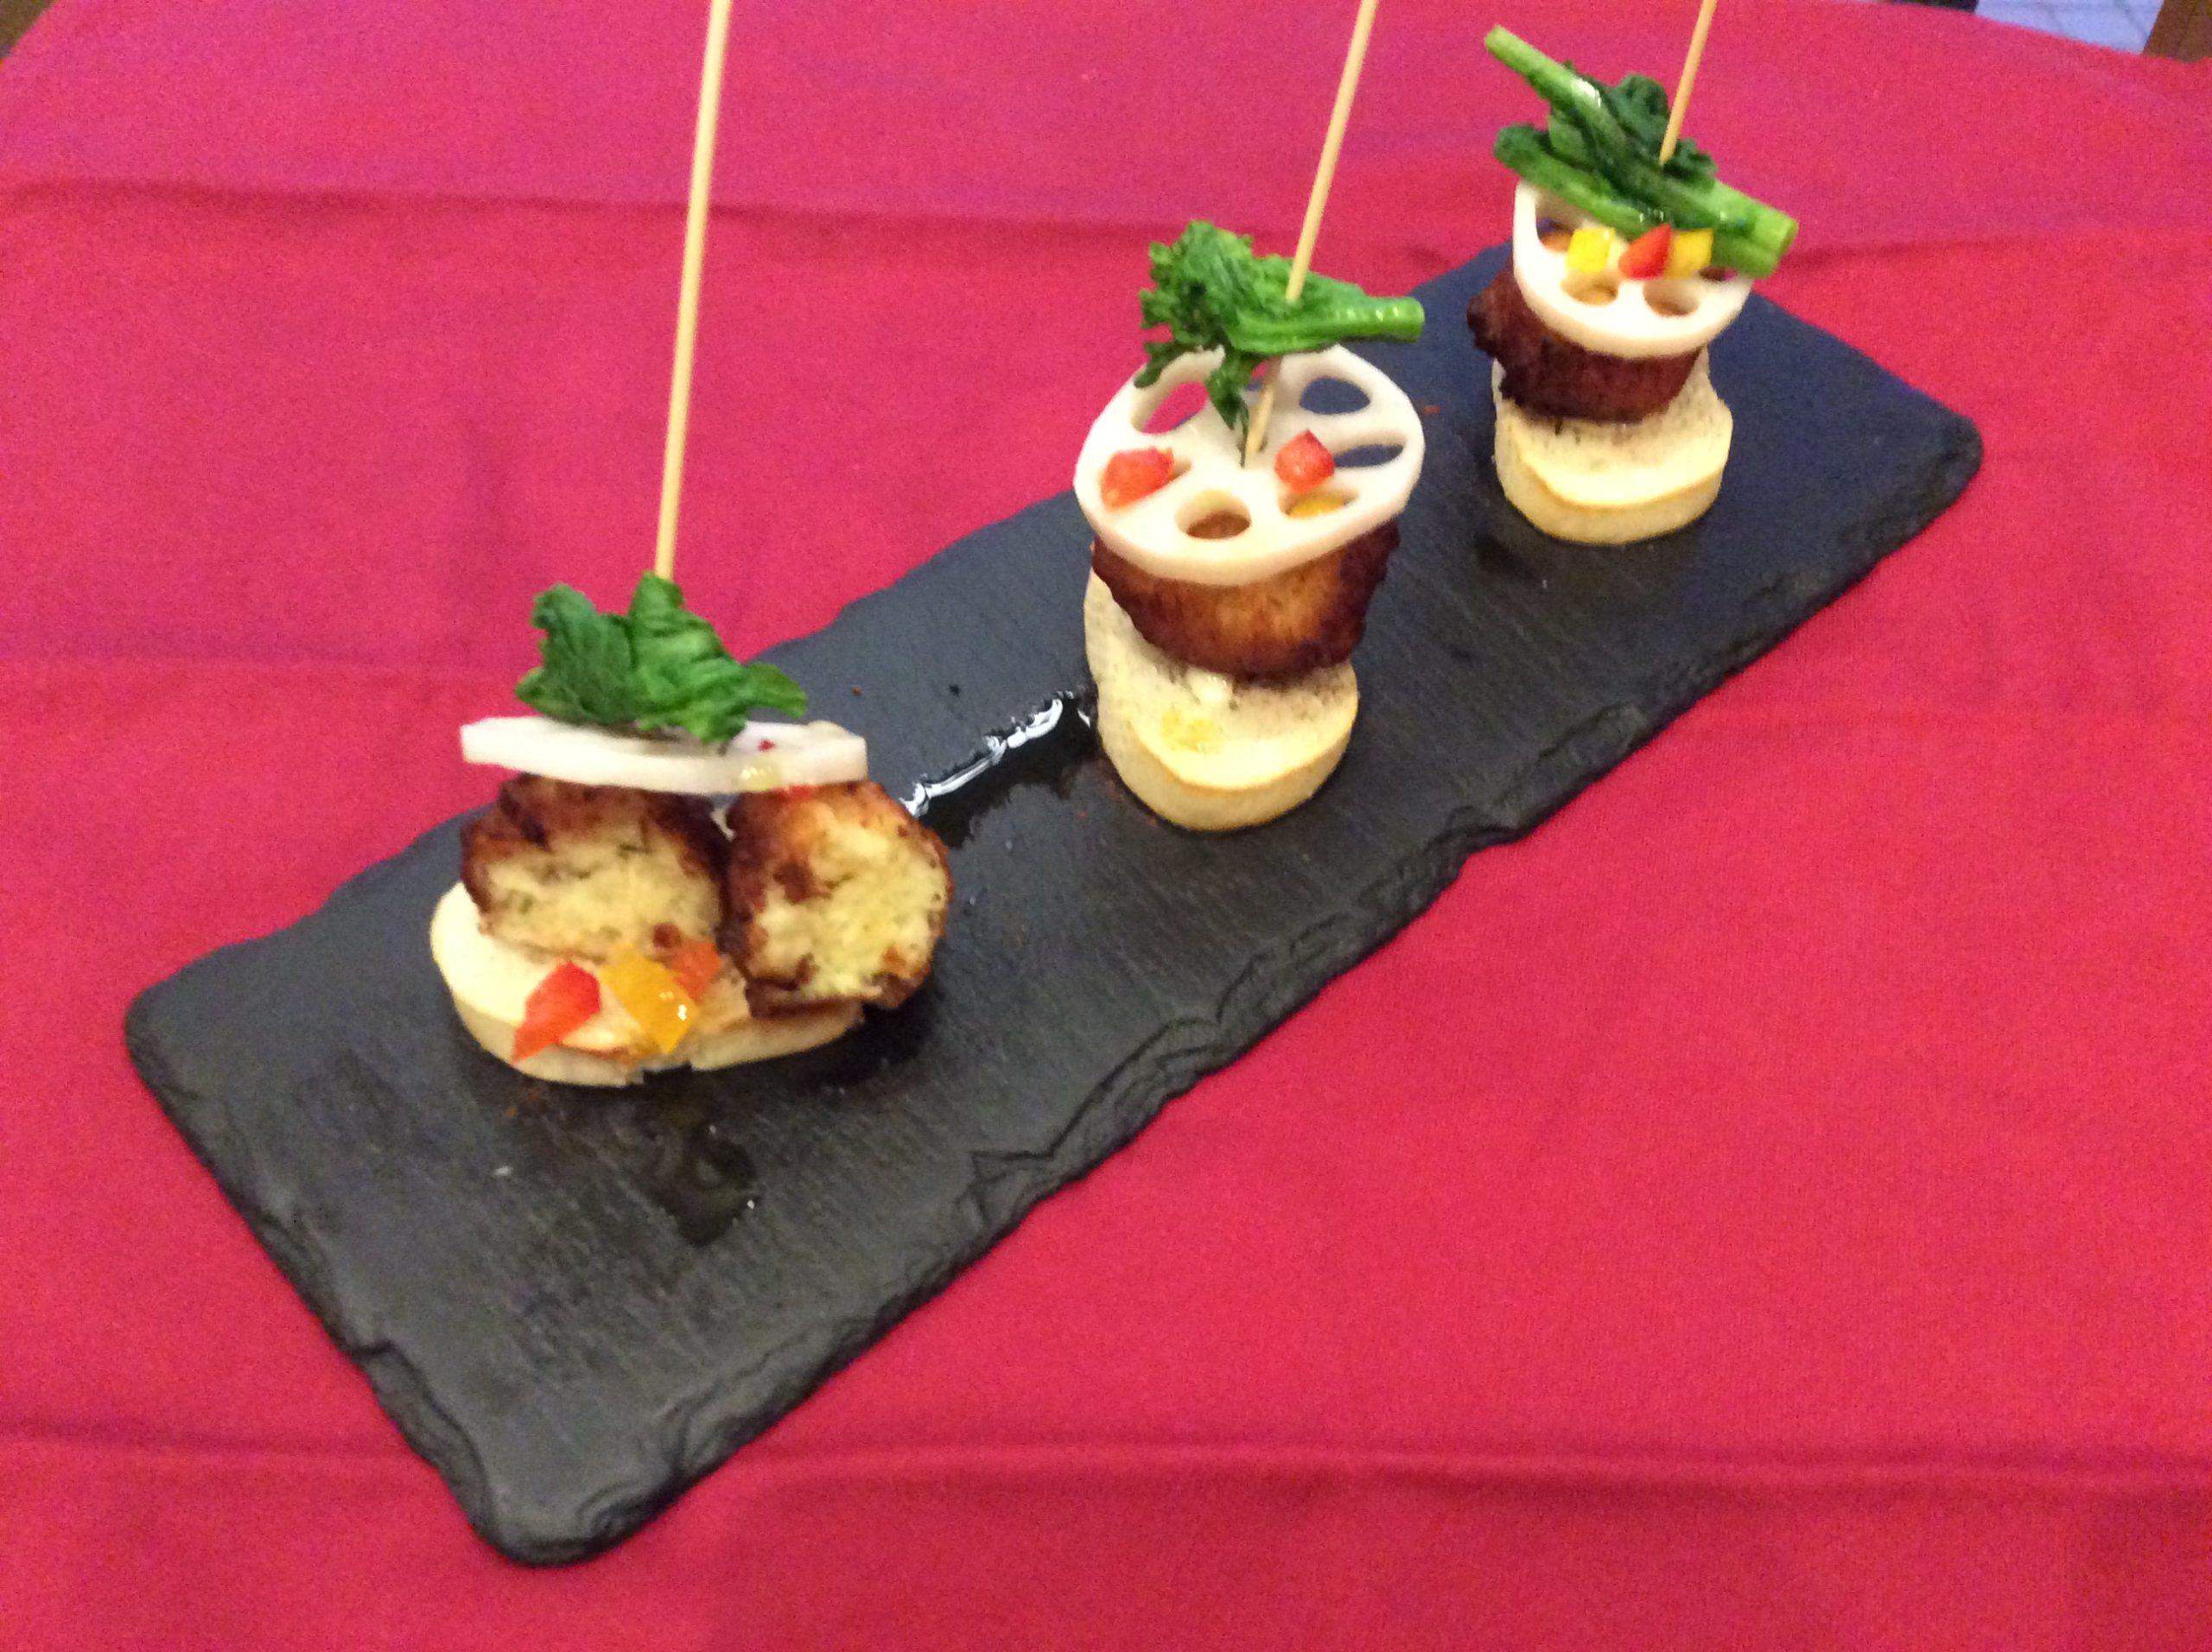 自家製スペイン風鱈のポテトコロッケのピンチョスプレゼント!page-visual 自家製スペイン風鱈のポテトコロッケのピンチョスプレゼント!ビジュアル